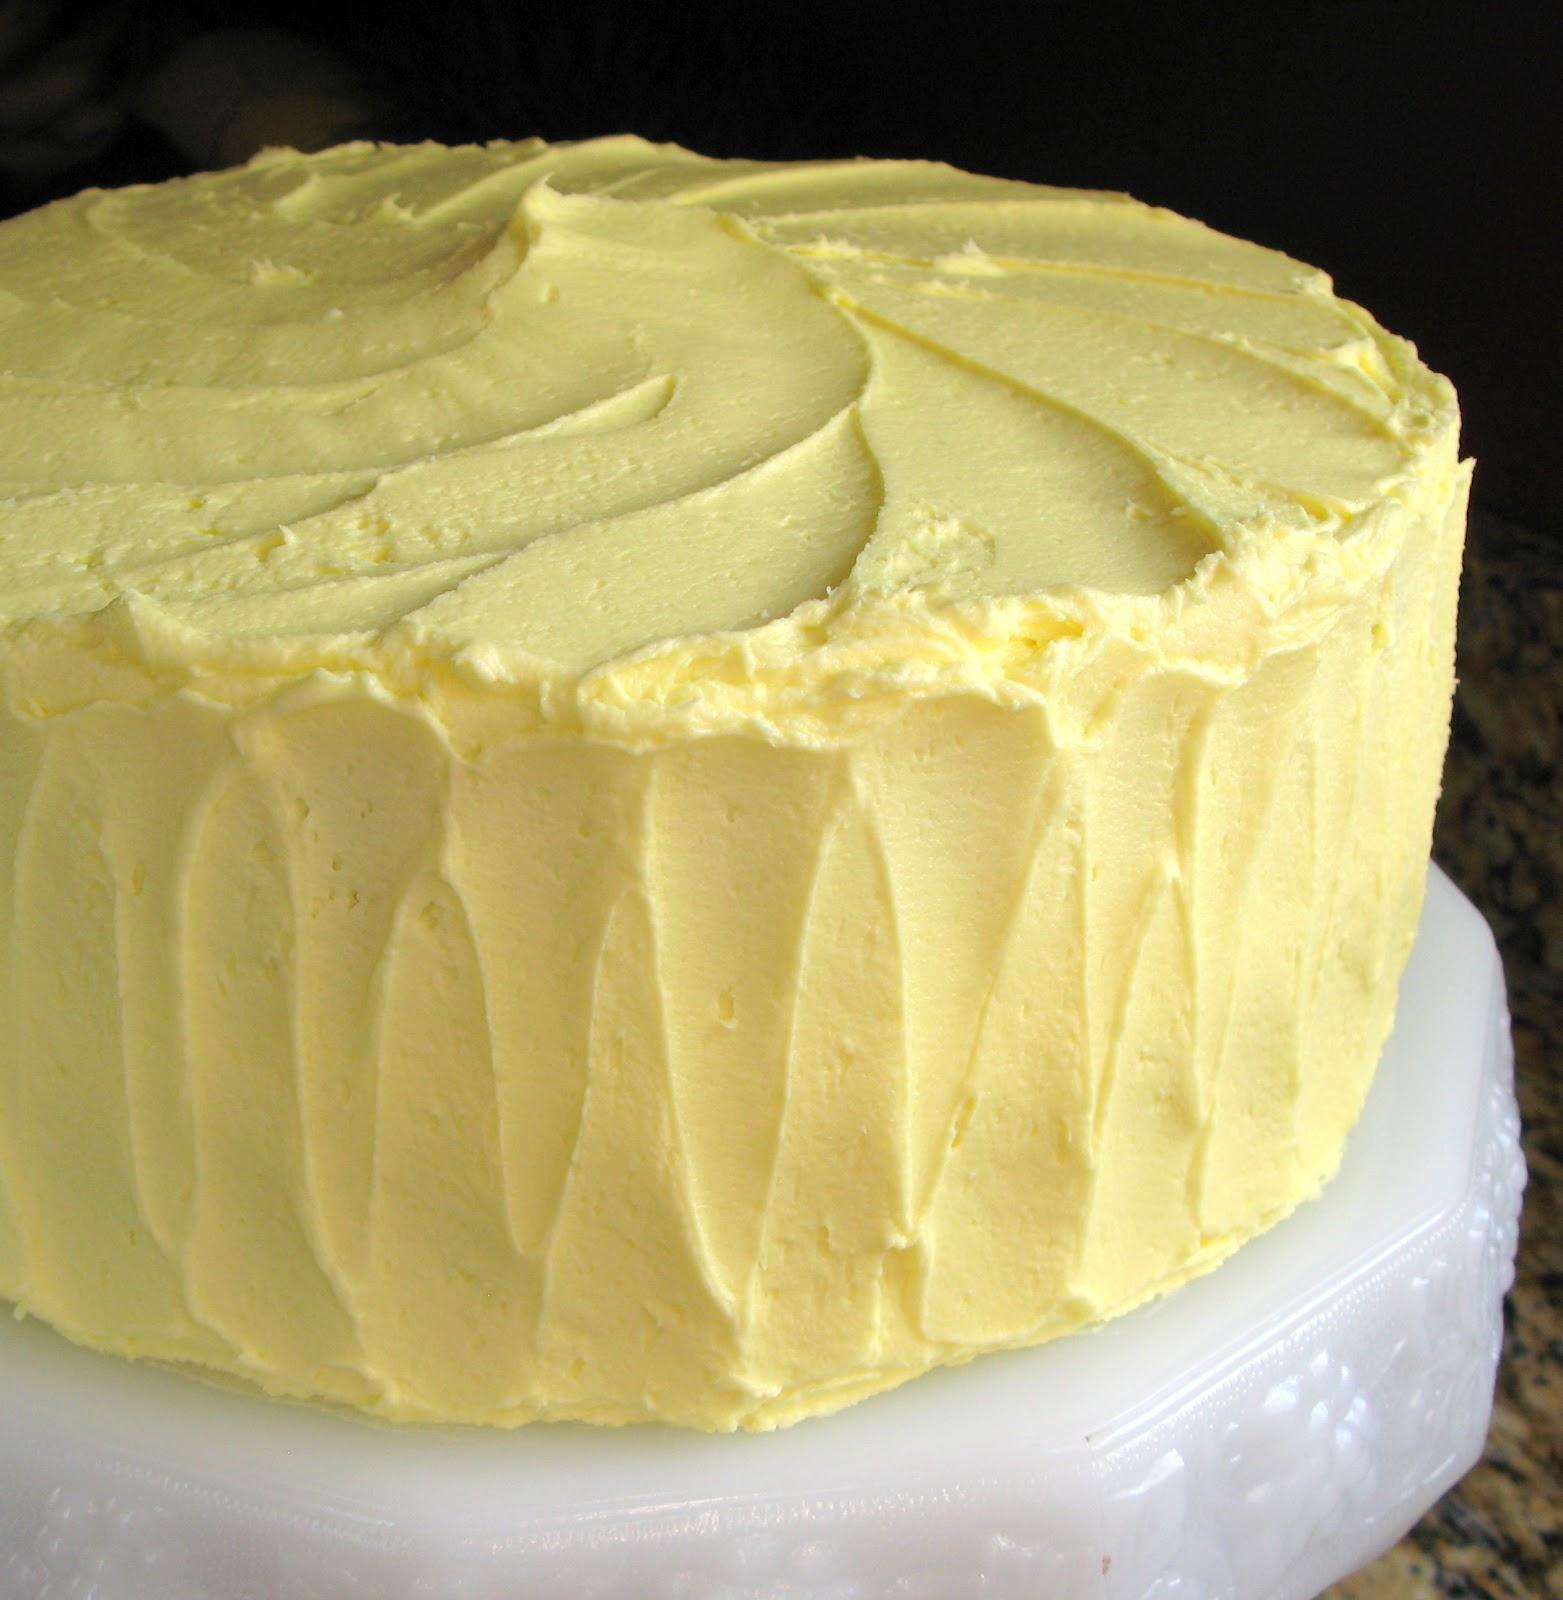 Lemon Buttercream Frosting For Wedding Cake